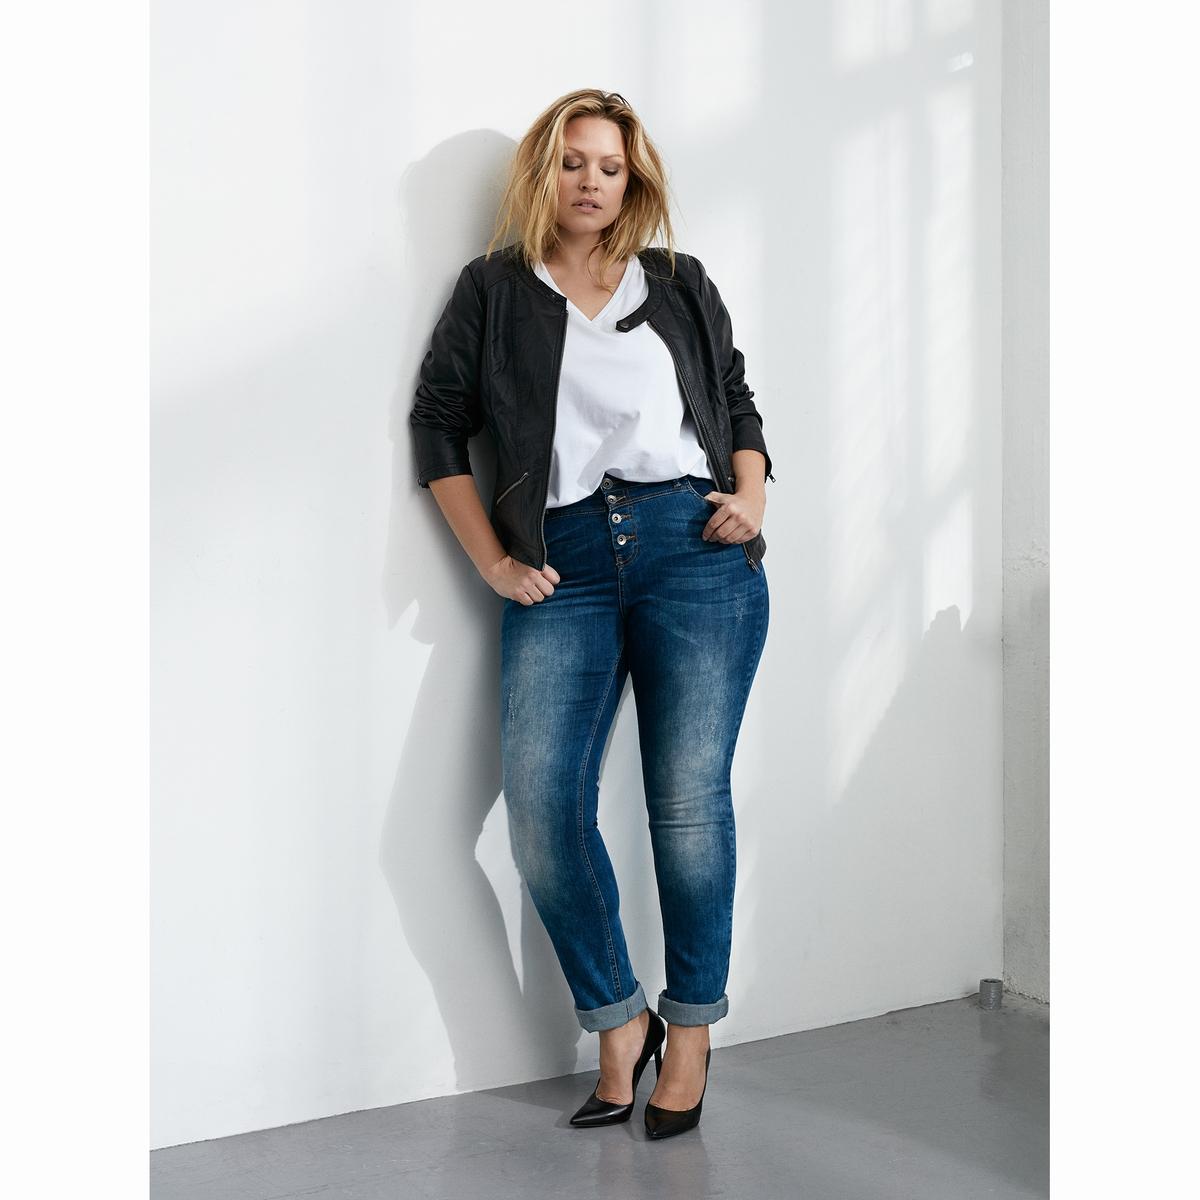 Джинсы узкие 82 см<br><br>Цвет: синий джинсовый